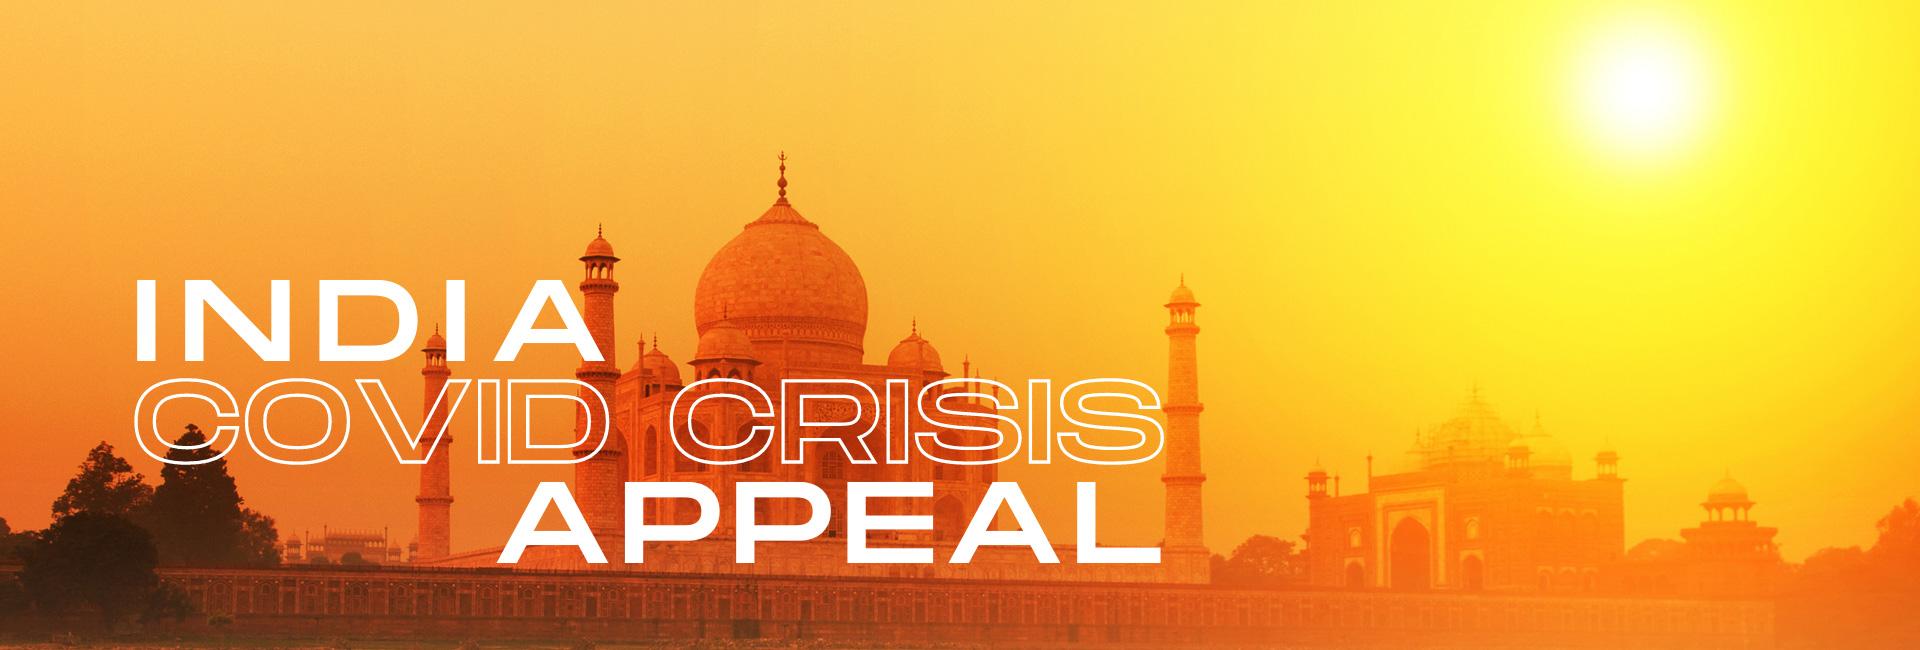 India Covid Crisis Appeal